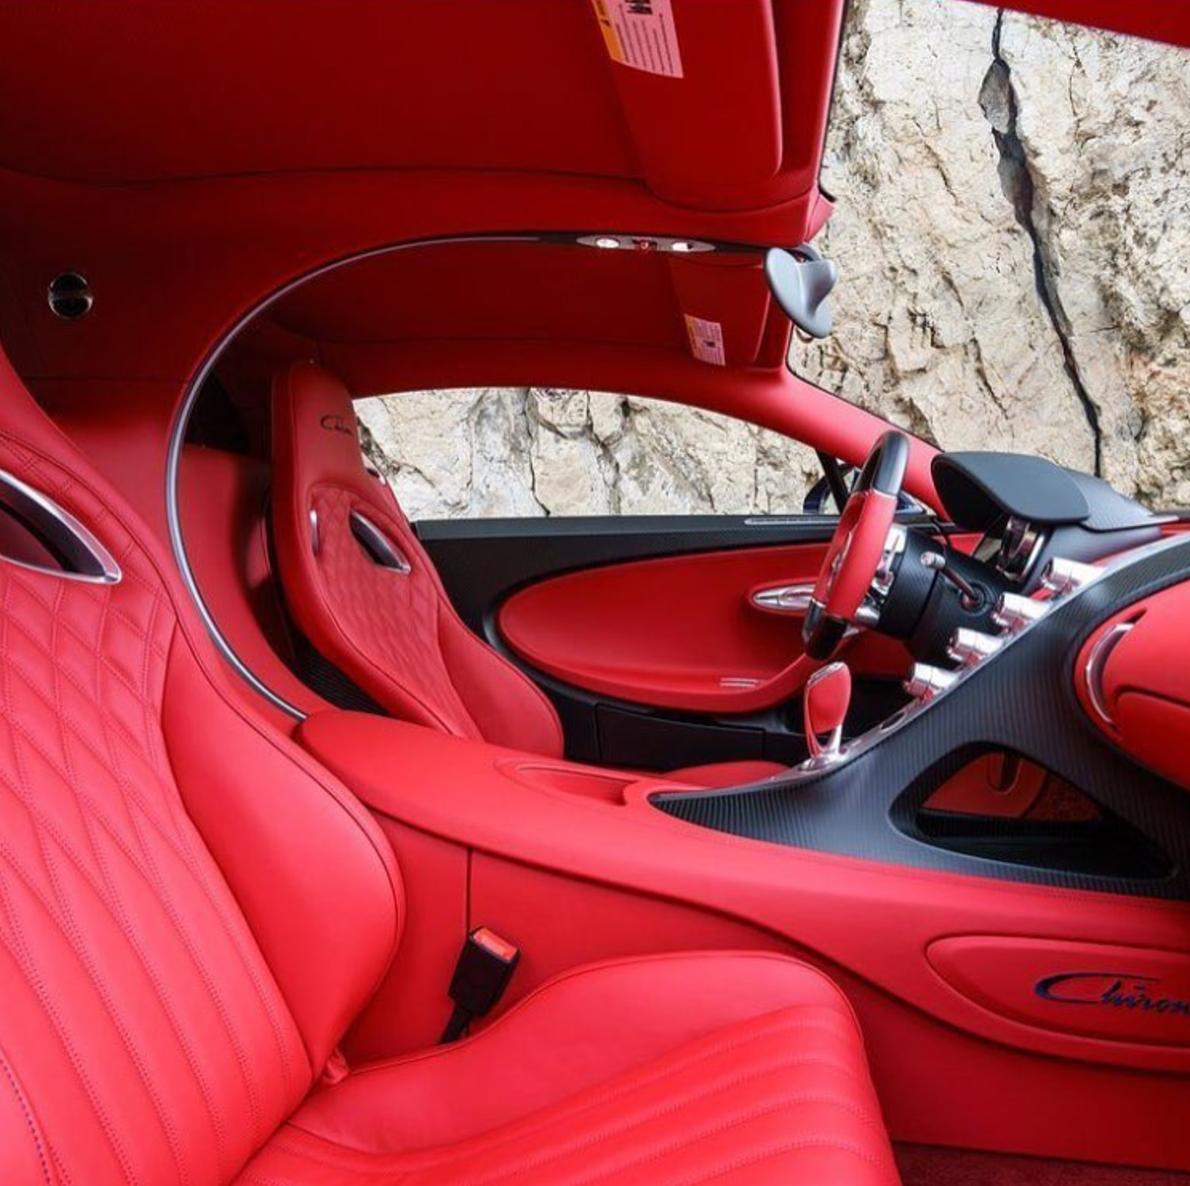 Can You Appreciate The Italian Red Interior Of This Bugatti Chiron